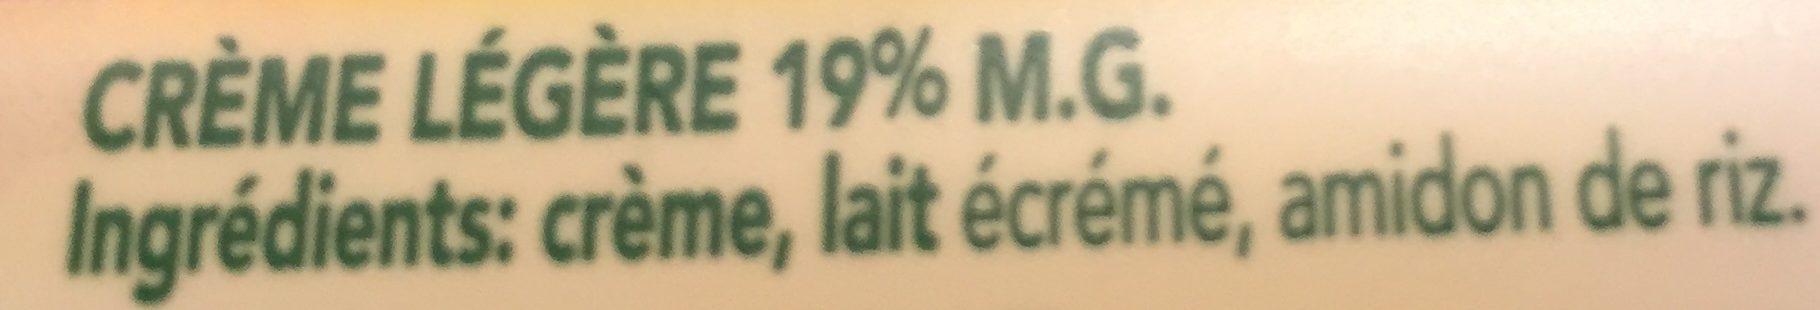 Crème 19% - Ingrédients - fr